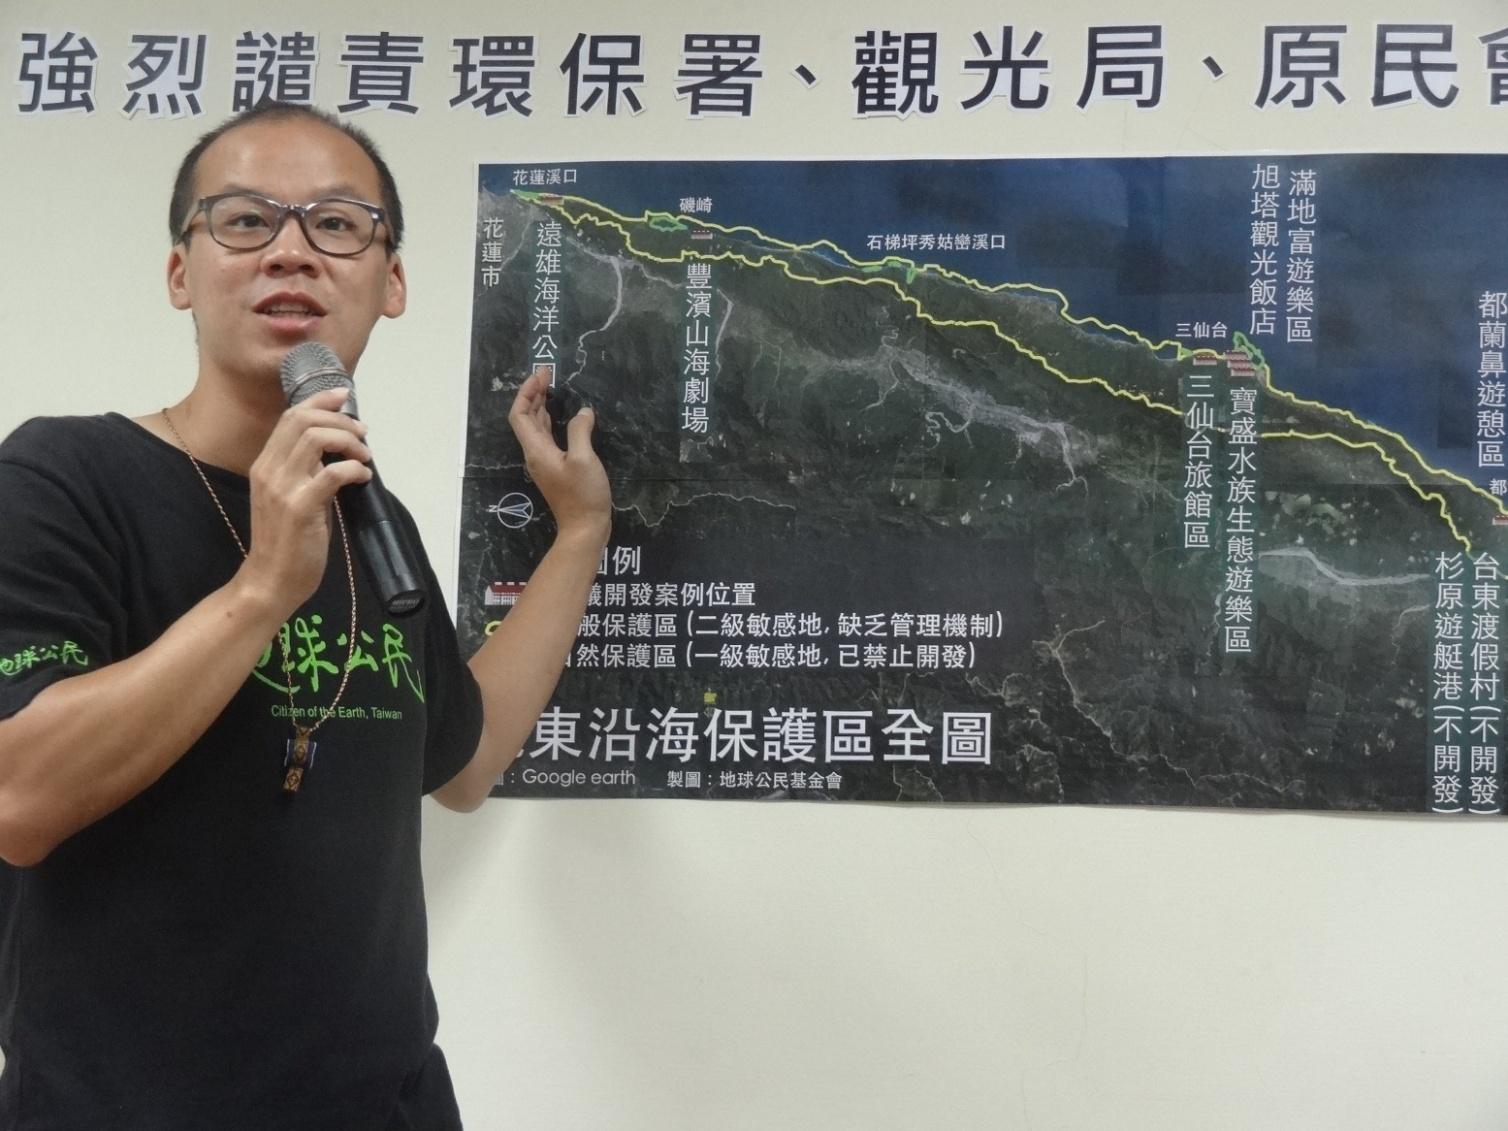 地球光民基金會顧問蔡中岳表示:「蔡政府的不作為,讓棕櫚灣渡假村審查缺乏上位計畫指導下過關,如此下去,台灣的觀光環境與產業轉型的契機會將徹底被破壞殆盡。」